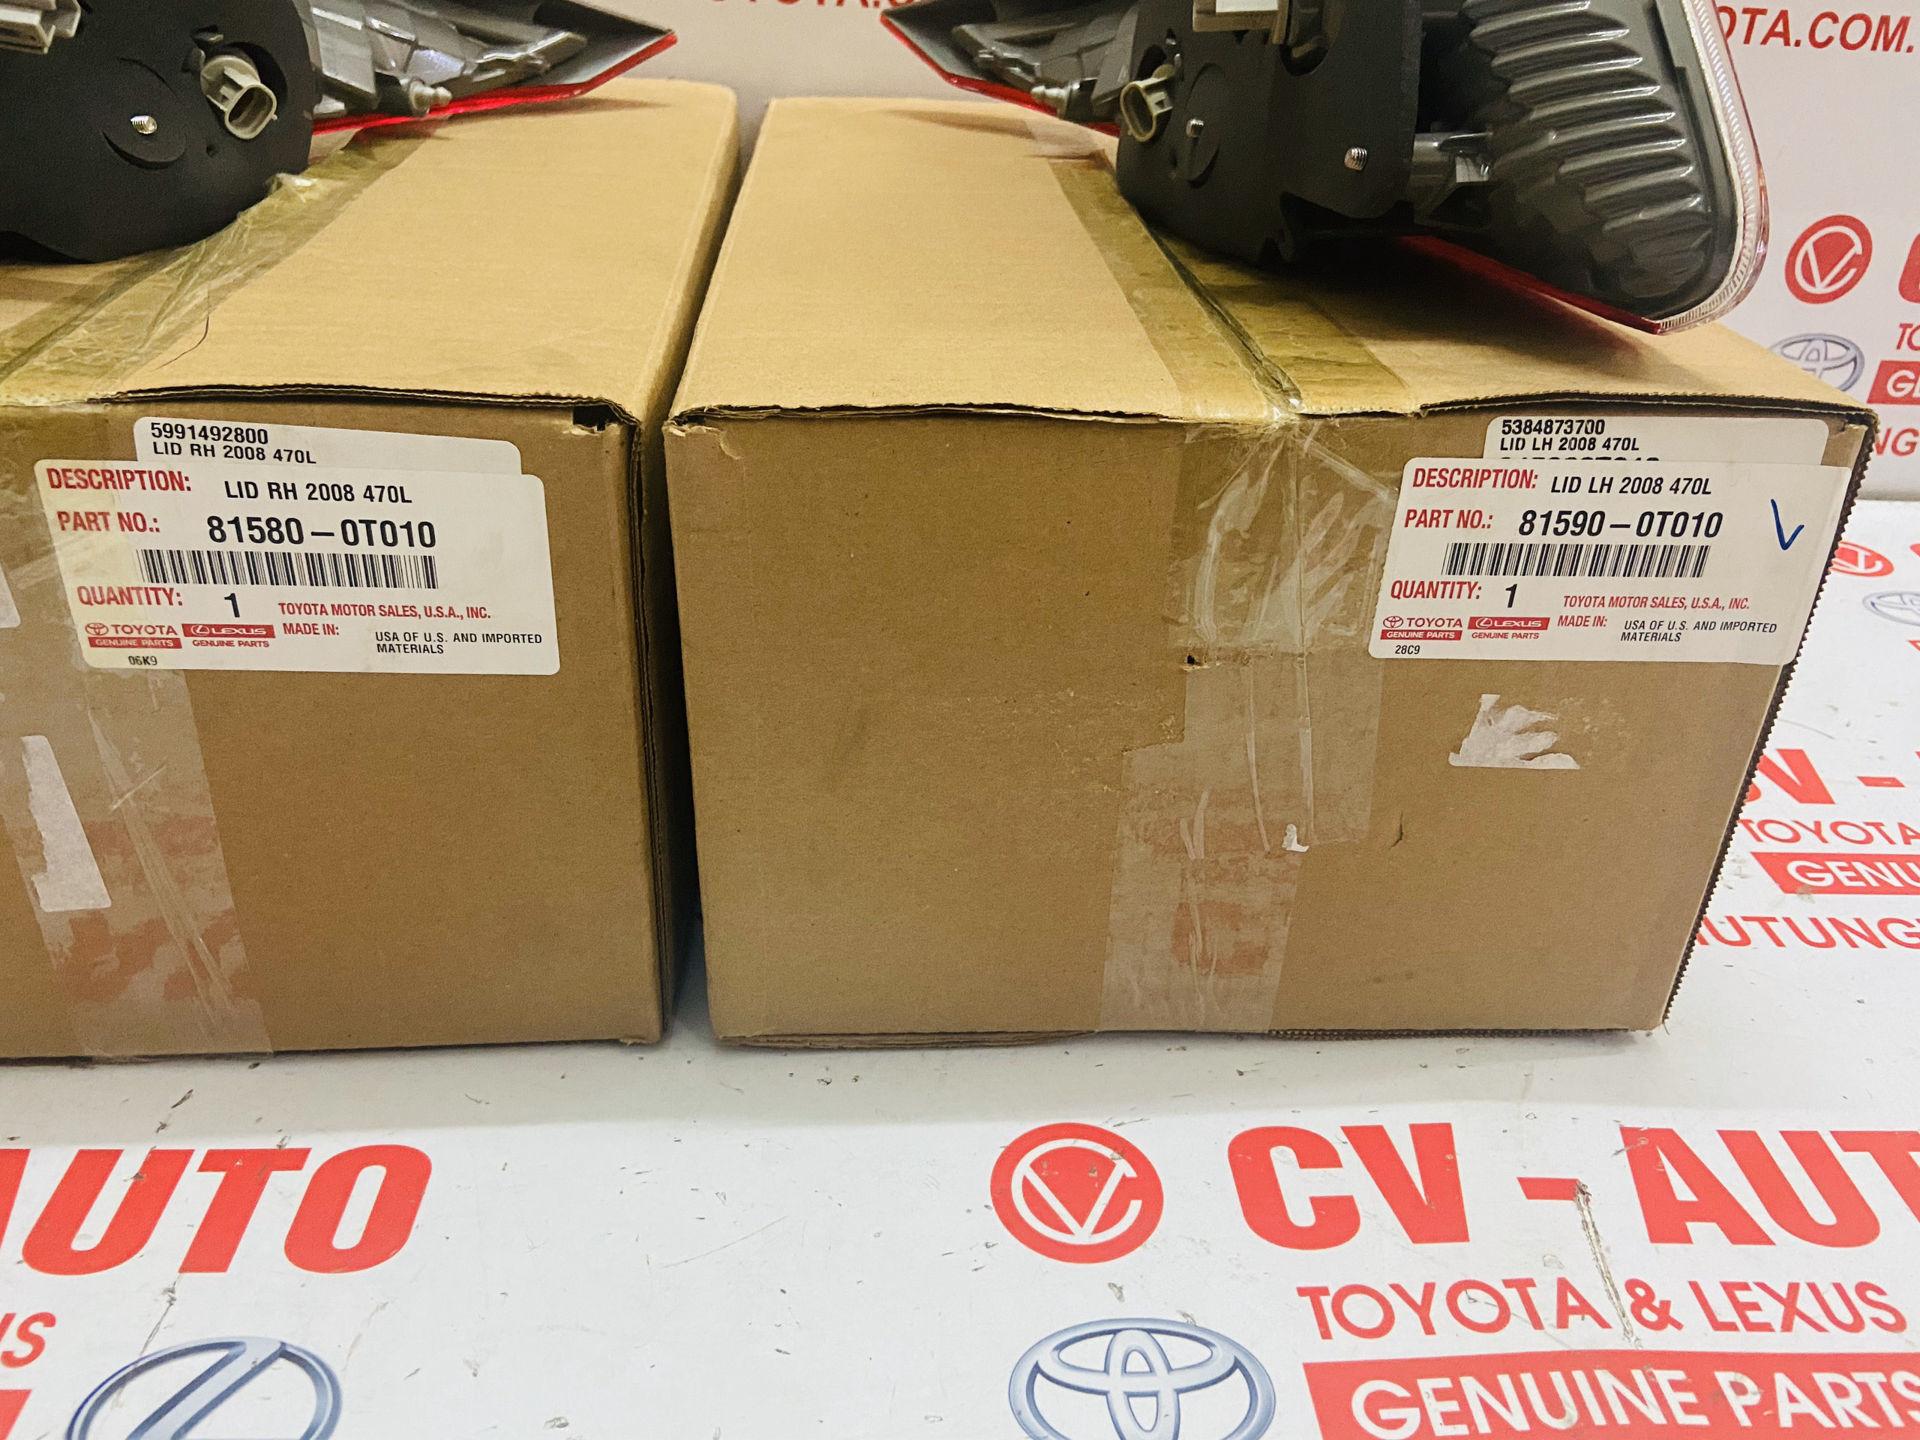 Picture of 81580-0T010 81590-0T010 Đèn hậu Toyota Venza hàng chính hãng